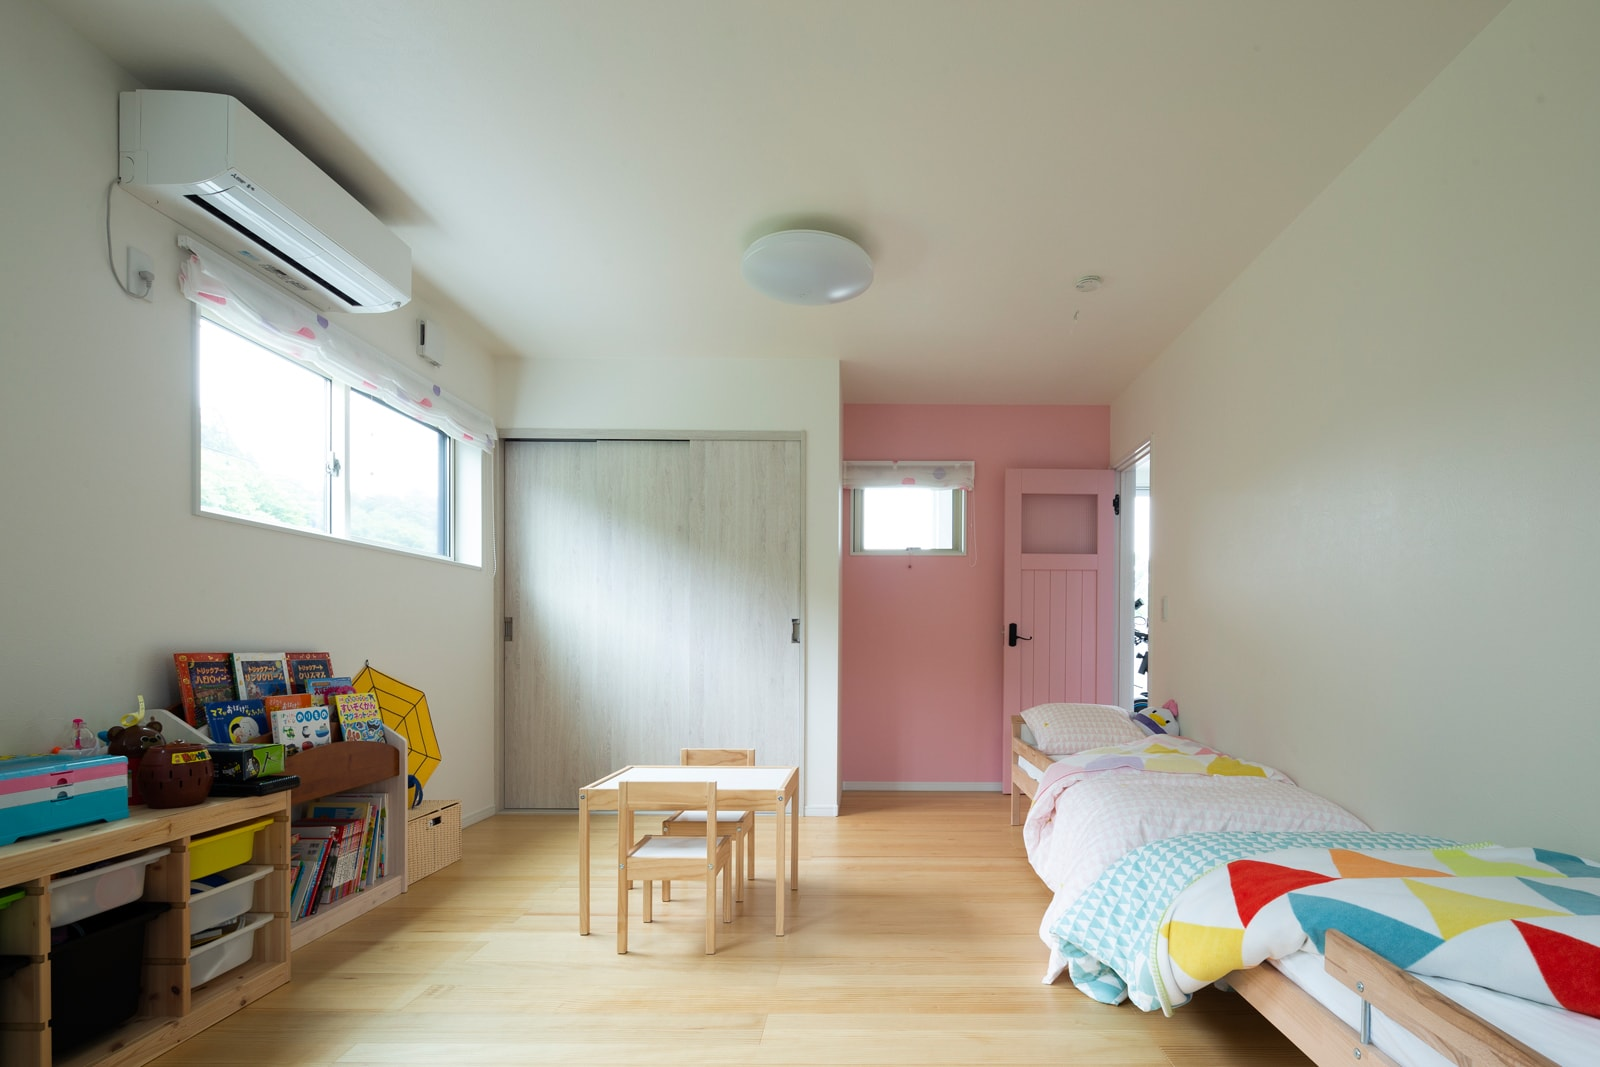 空間はシンプルにしながら、壁の一部とドアをピンク色に塗ってかわいくアクセントをつけた女の子らしい空間